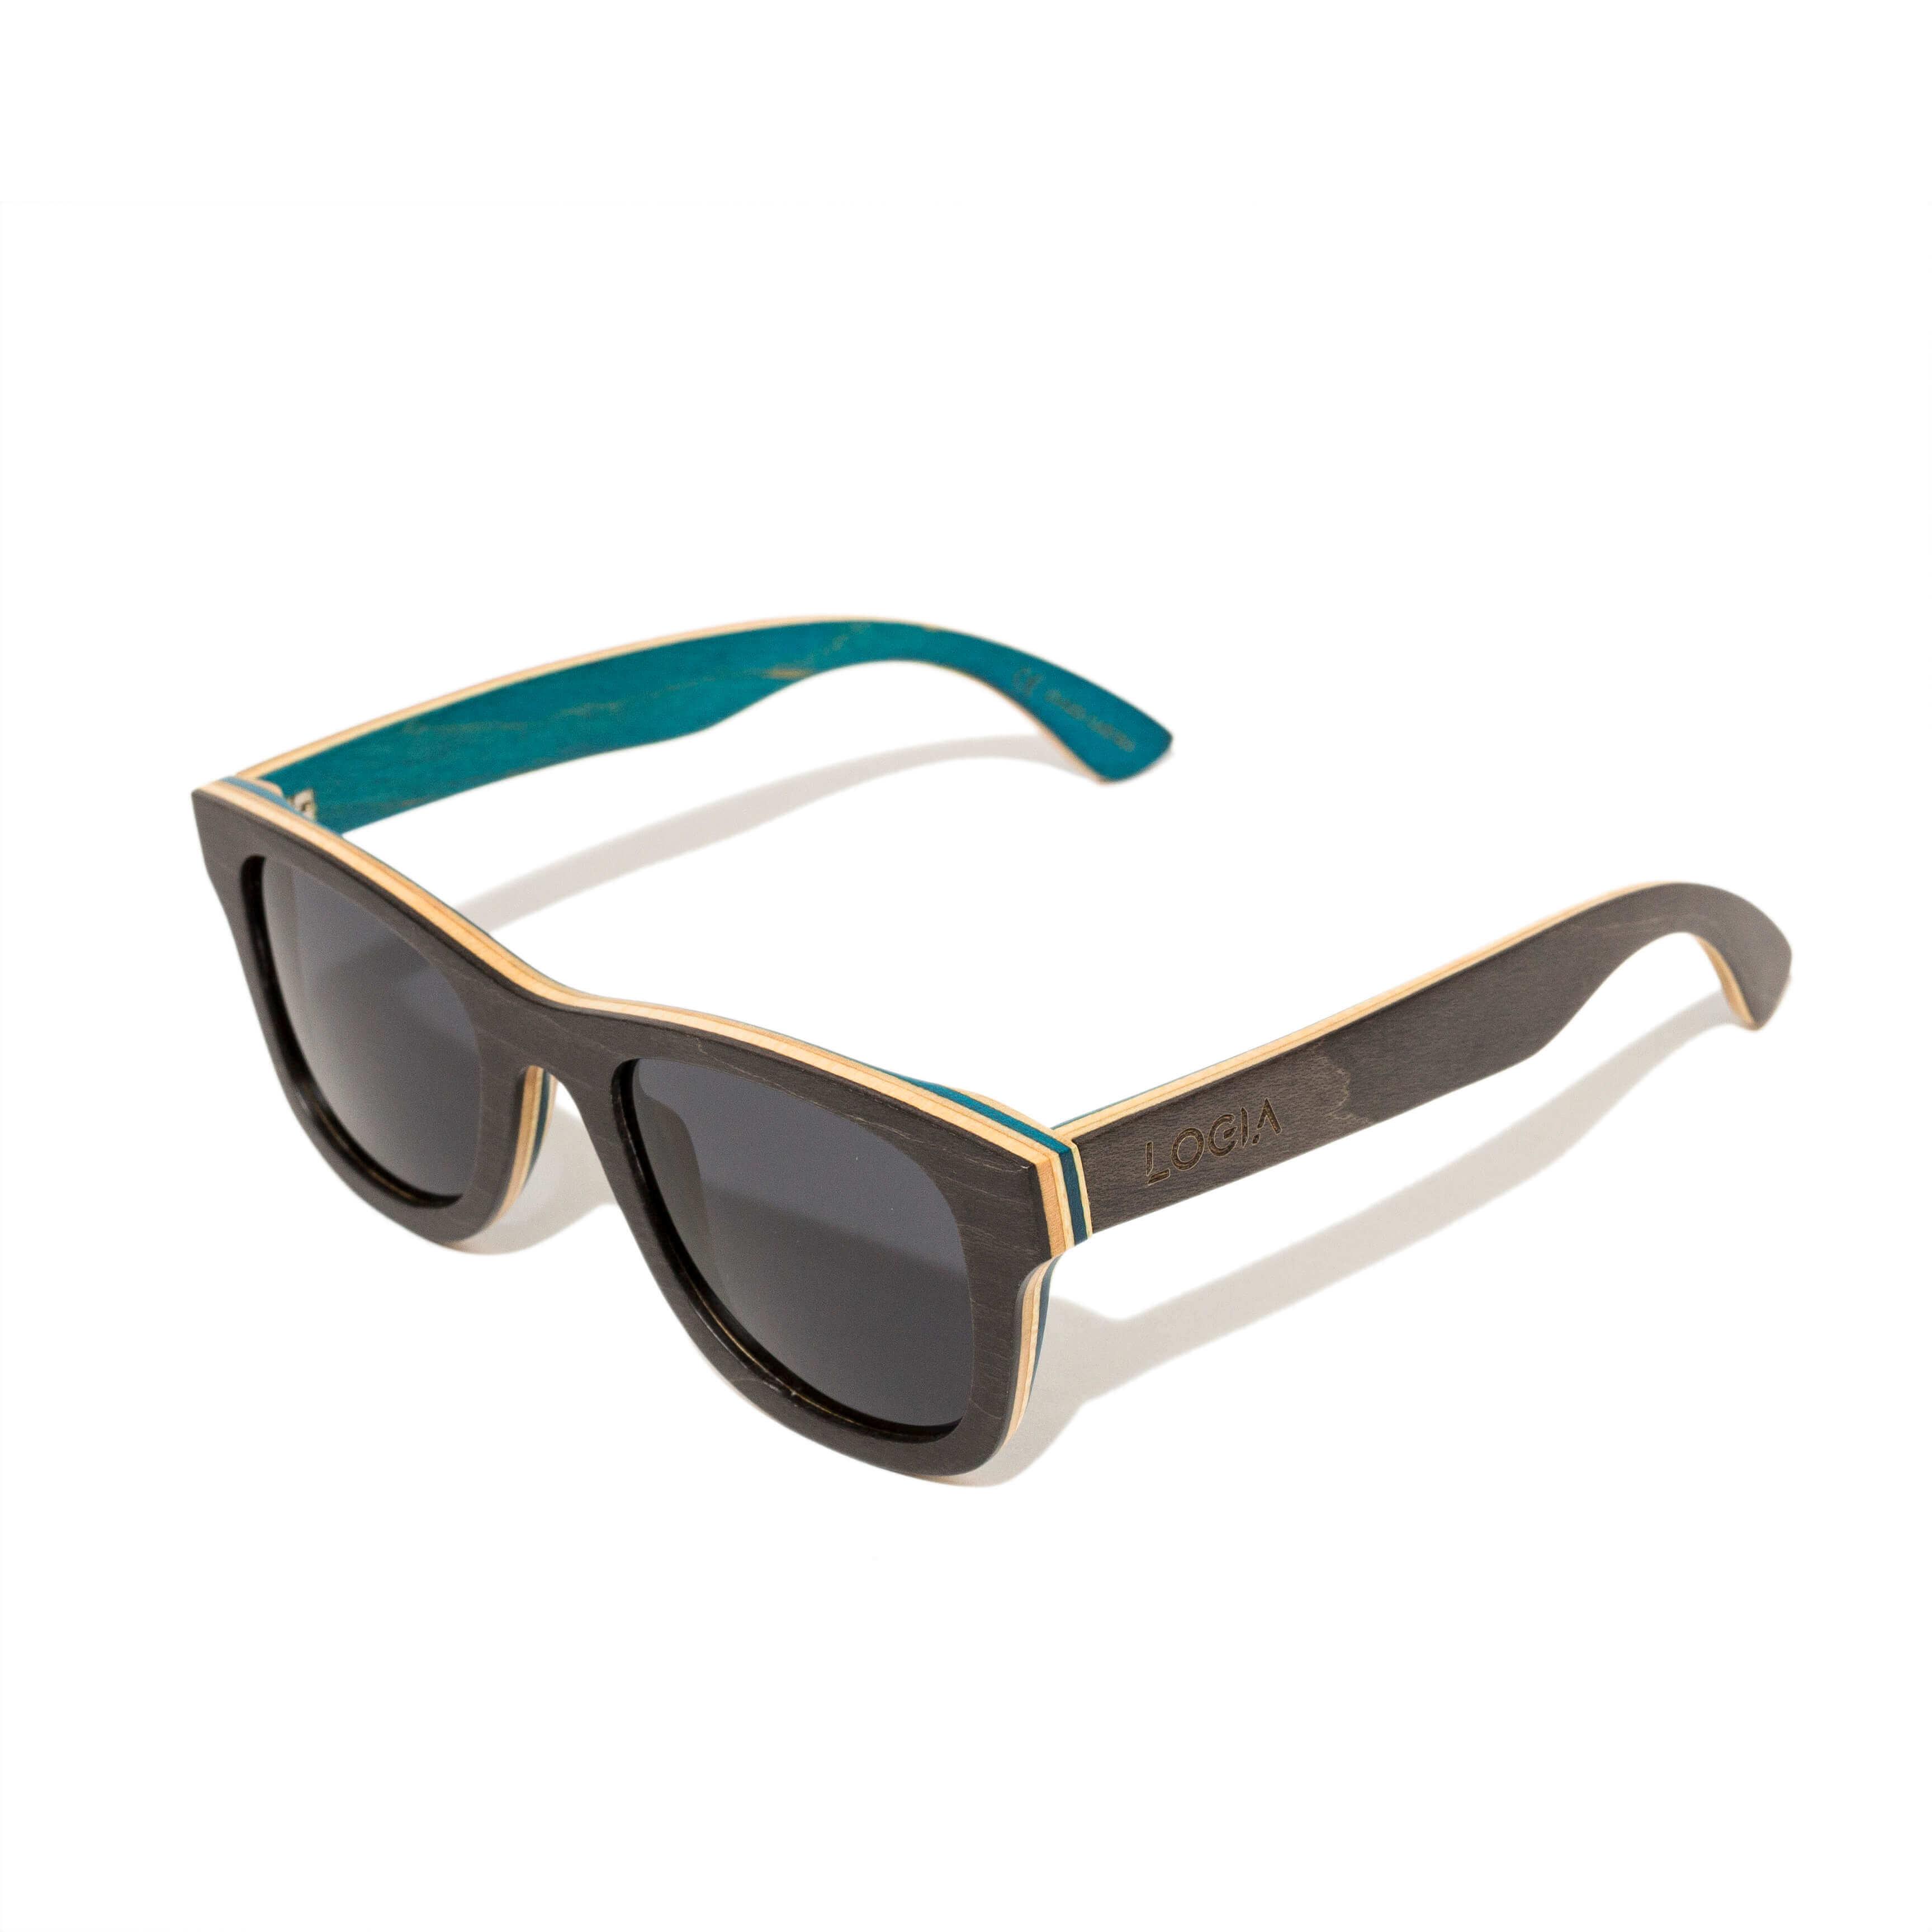 Óculos de sol Logia Lifestyle Nexus